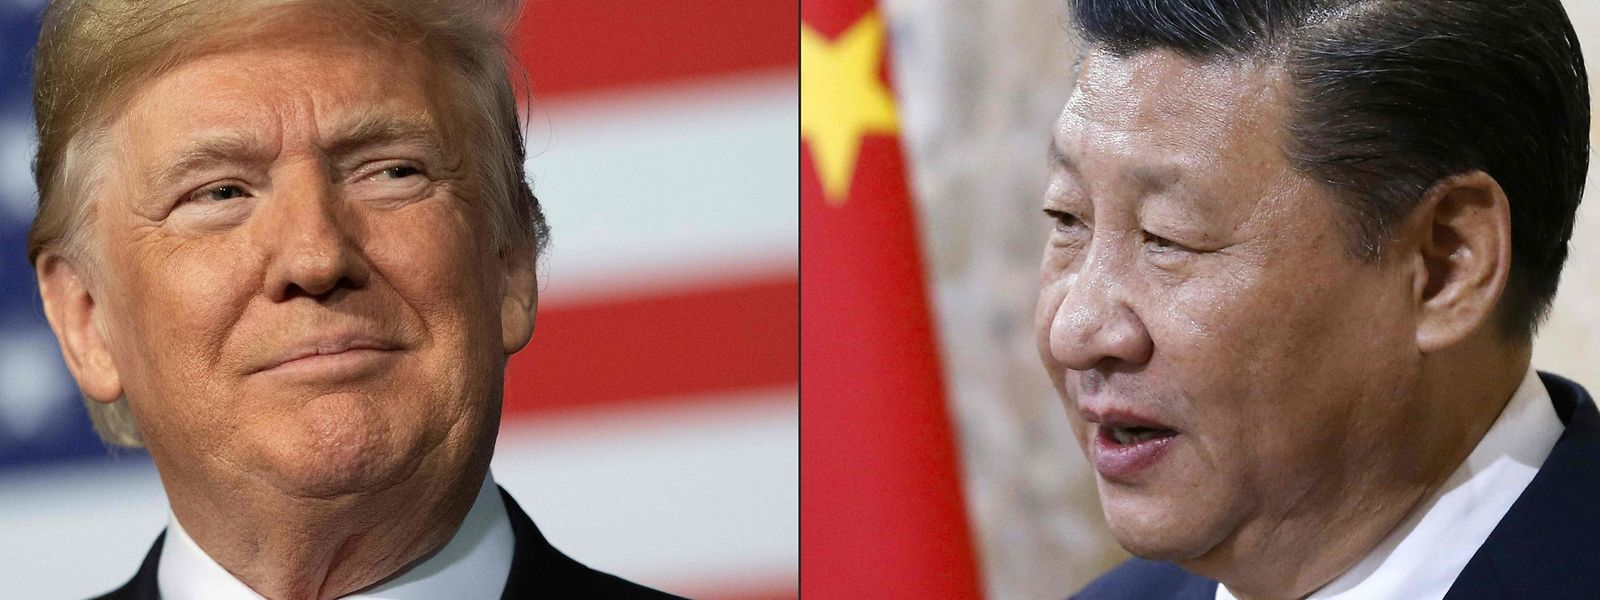 Die Zeichen zwischen US-Präsident Donald Trump (l.) und seinem chinesischen Amtskkollegen Xi Jinping stehen auf Sturm.